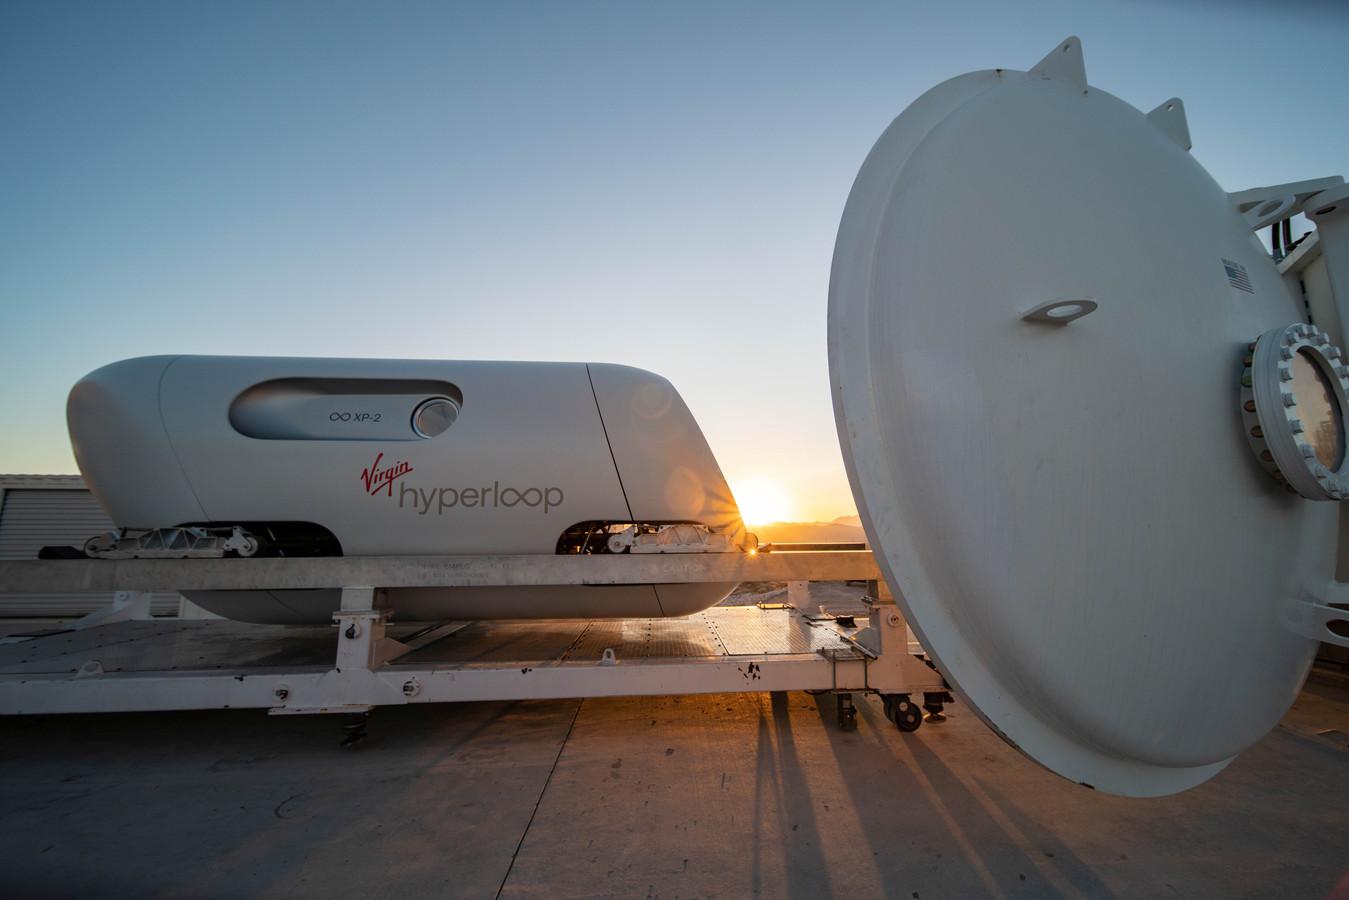 De Virgin Hyperloop-pod is te zien op de DevLoop-testsite in Las Vegas, Nevada.